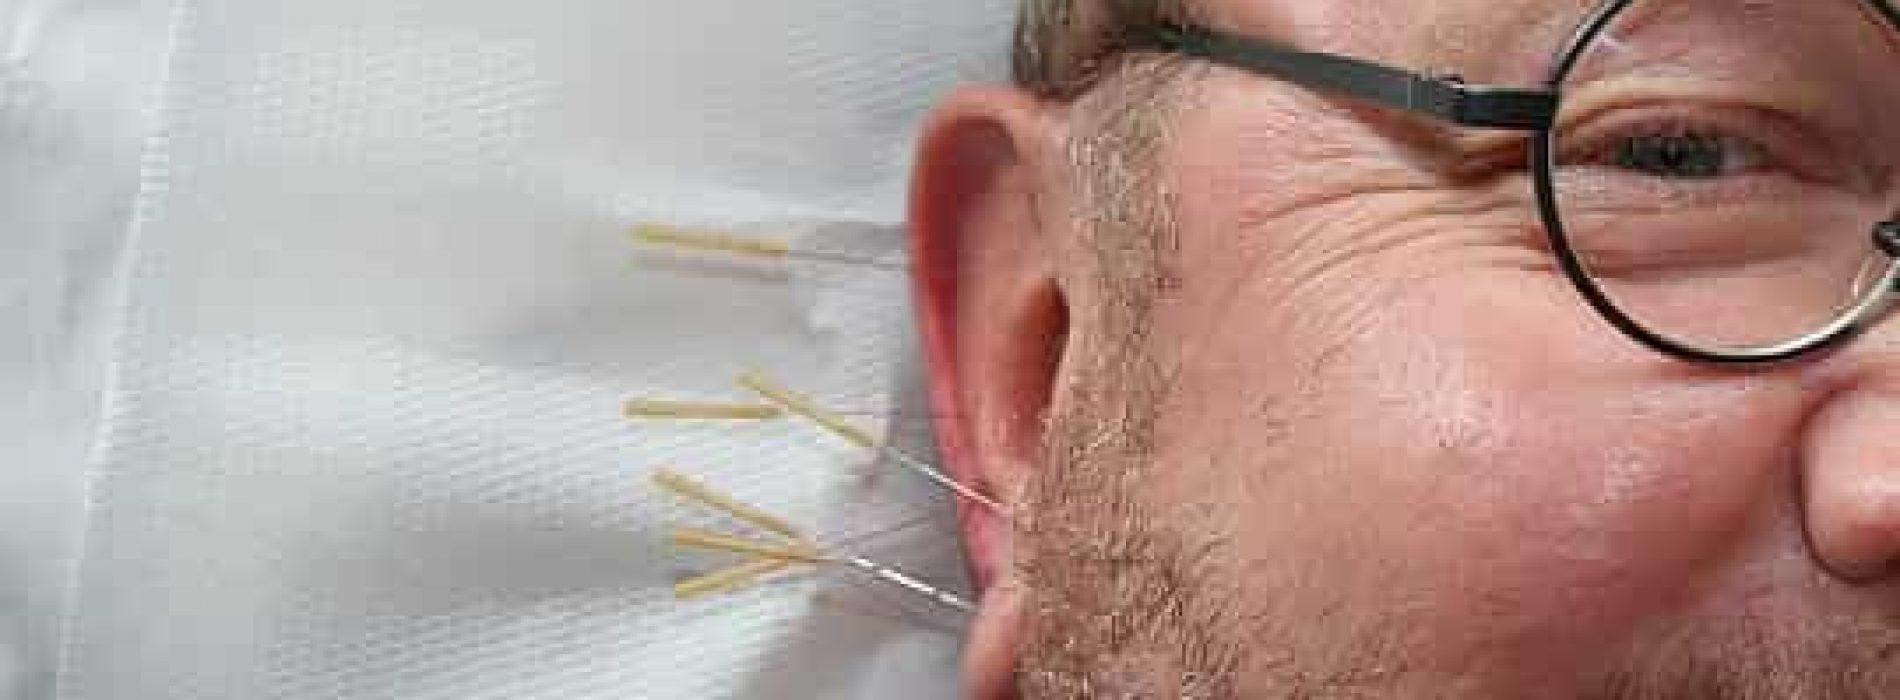 Akupunktur kort forklart